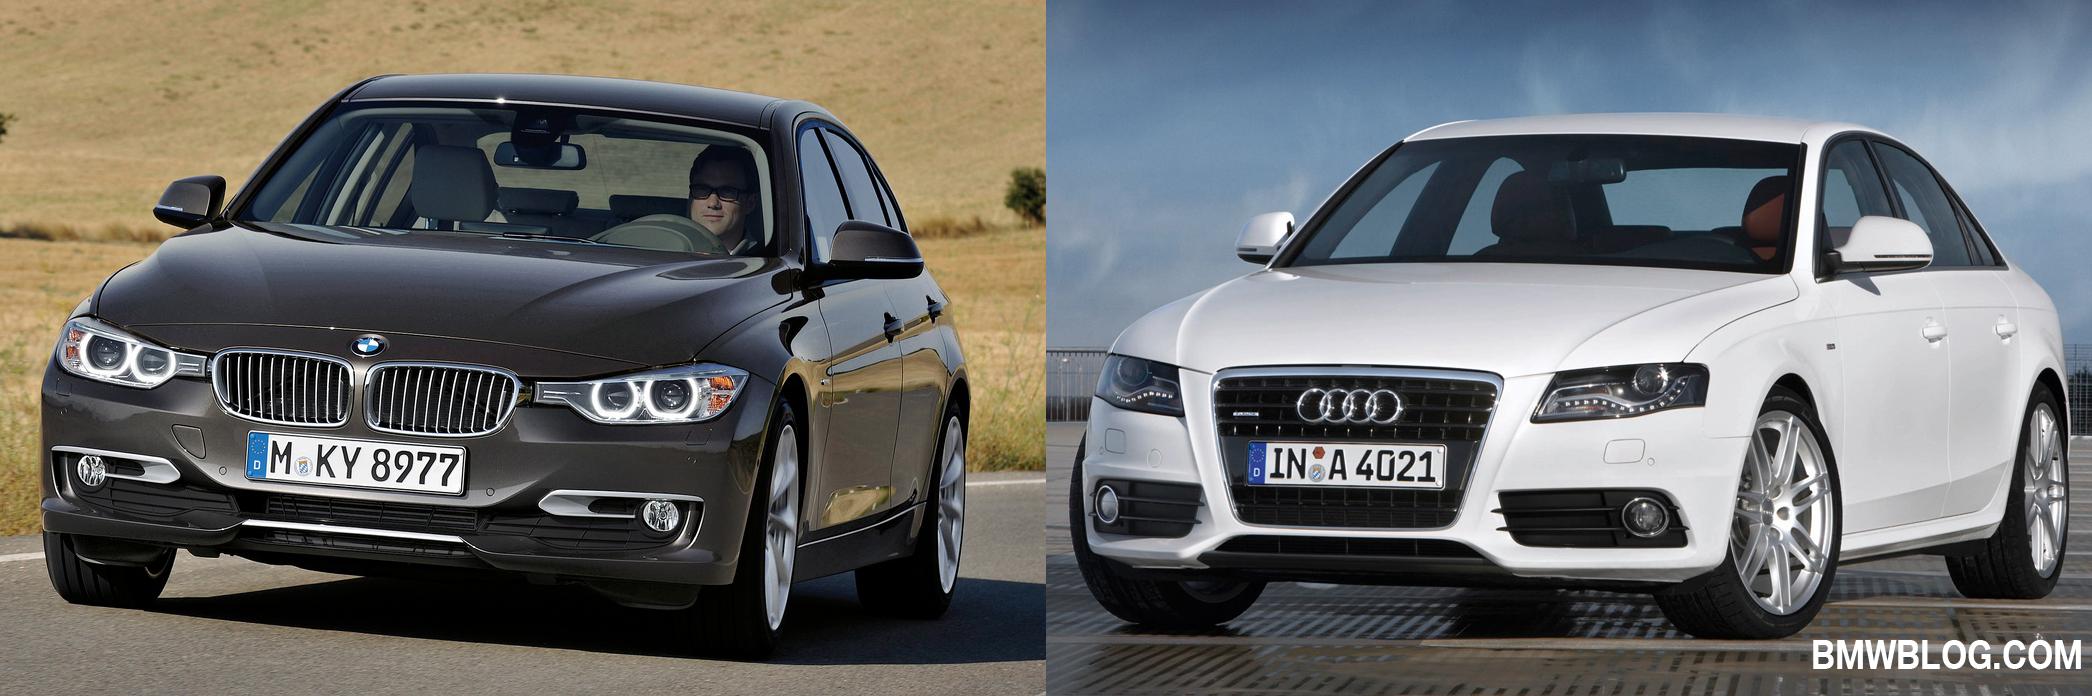 Khi so sánh xe ô tô hạng sang, không thể bỏ qua BMW 3- Series và Audi A4